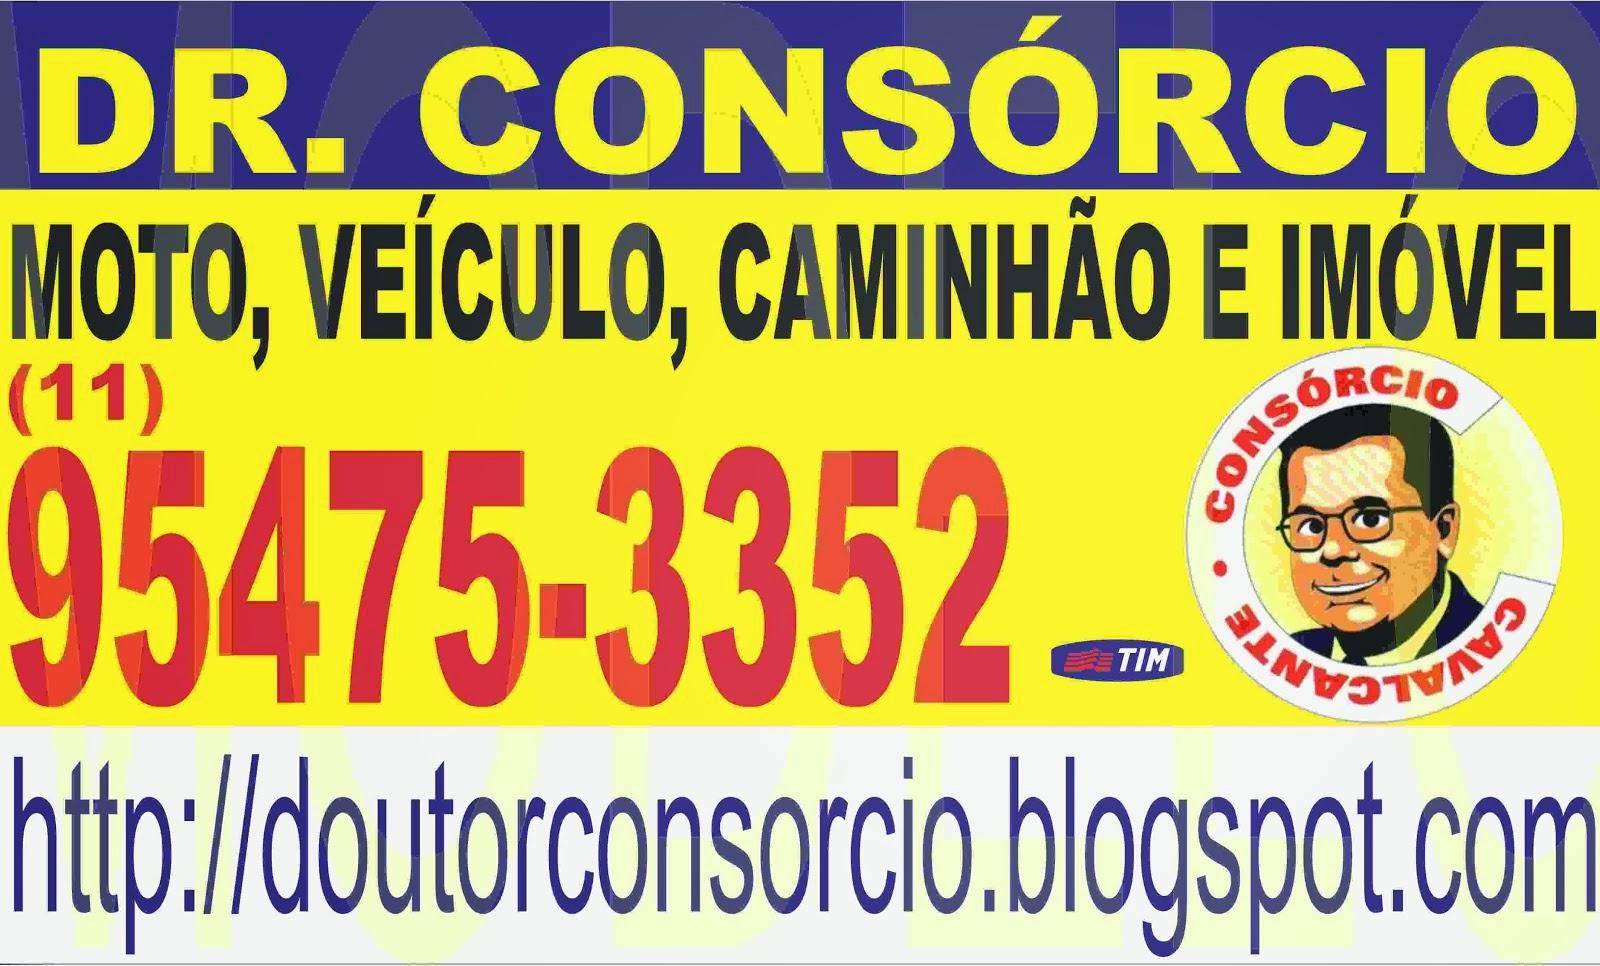 SÓ FAÇA CONSÓRCIO COM ESPECIALISTA - DR. CONSÓRCIO